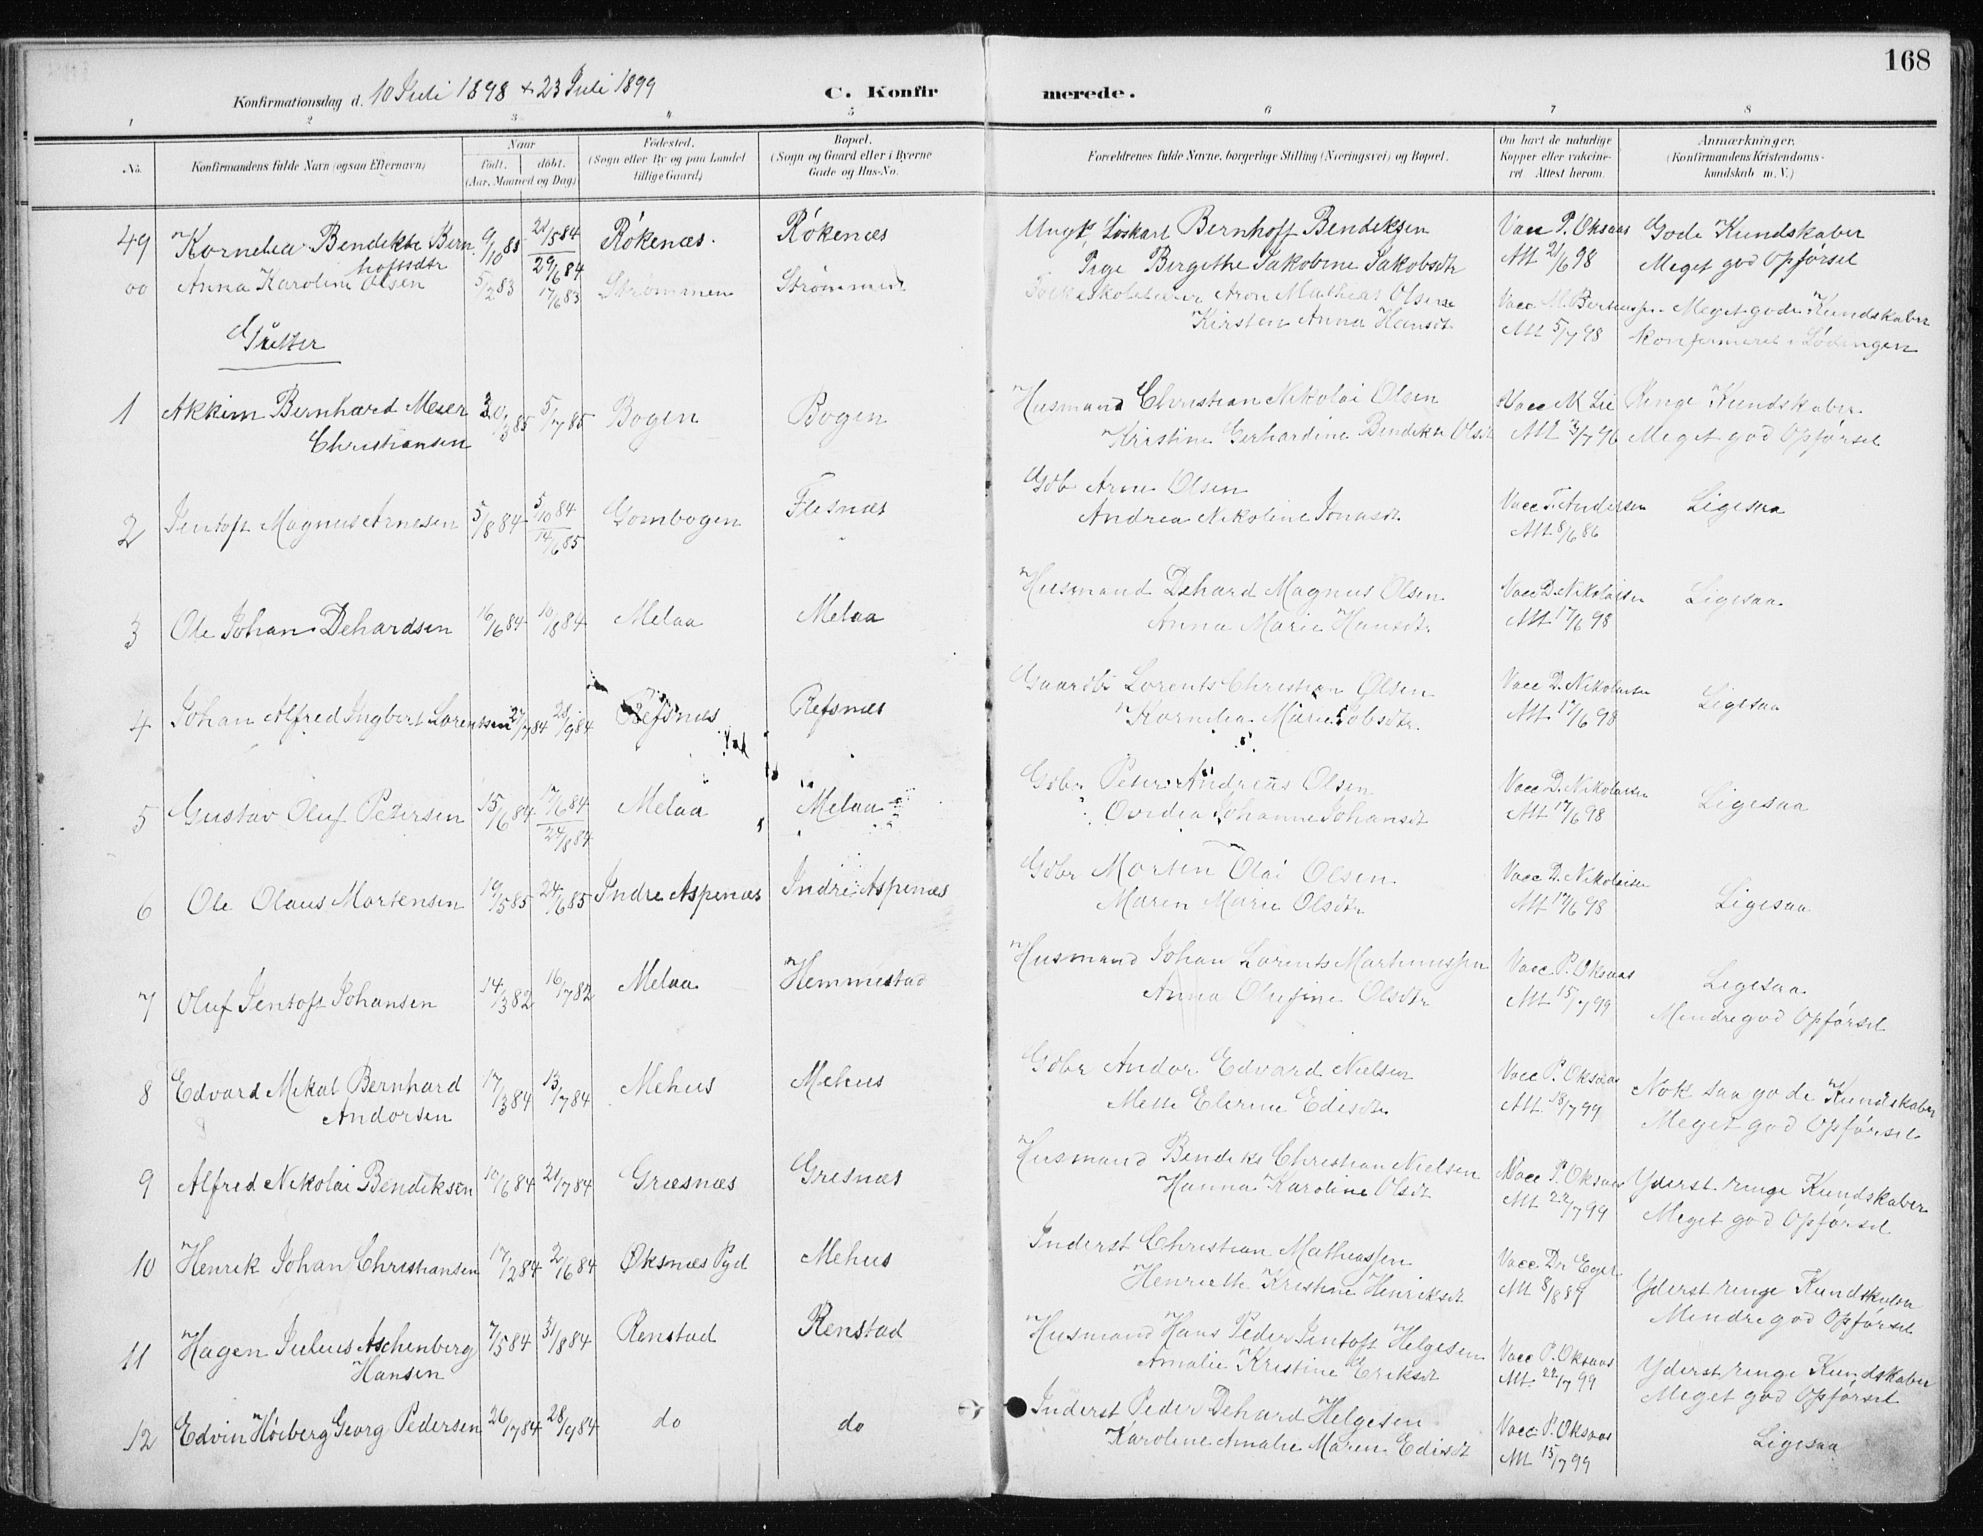 SATØ, Kvæfjord sokneprestkontor, G/Ga/Gaa/L0006kirke: Ministerialbok nr. 6, 1895-1914, s. 168